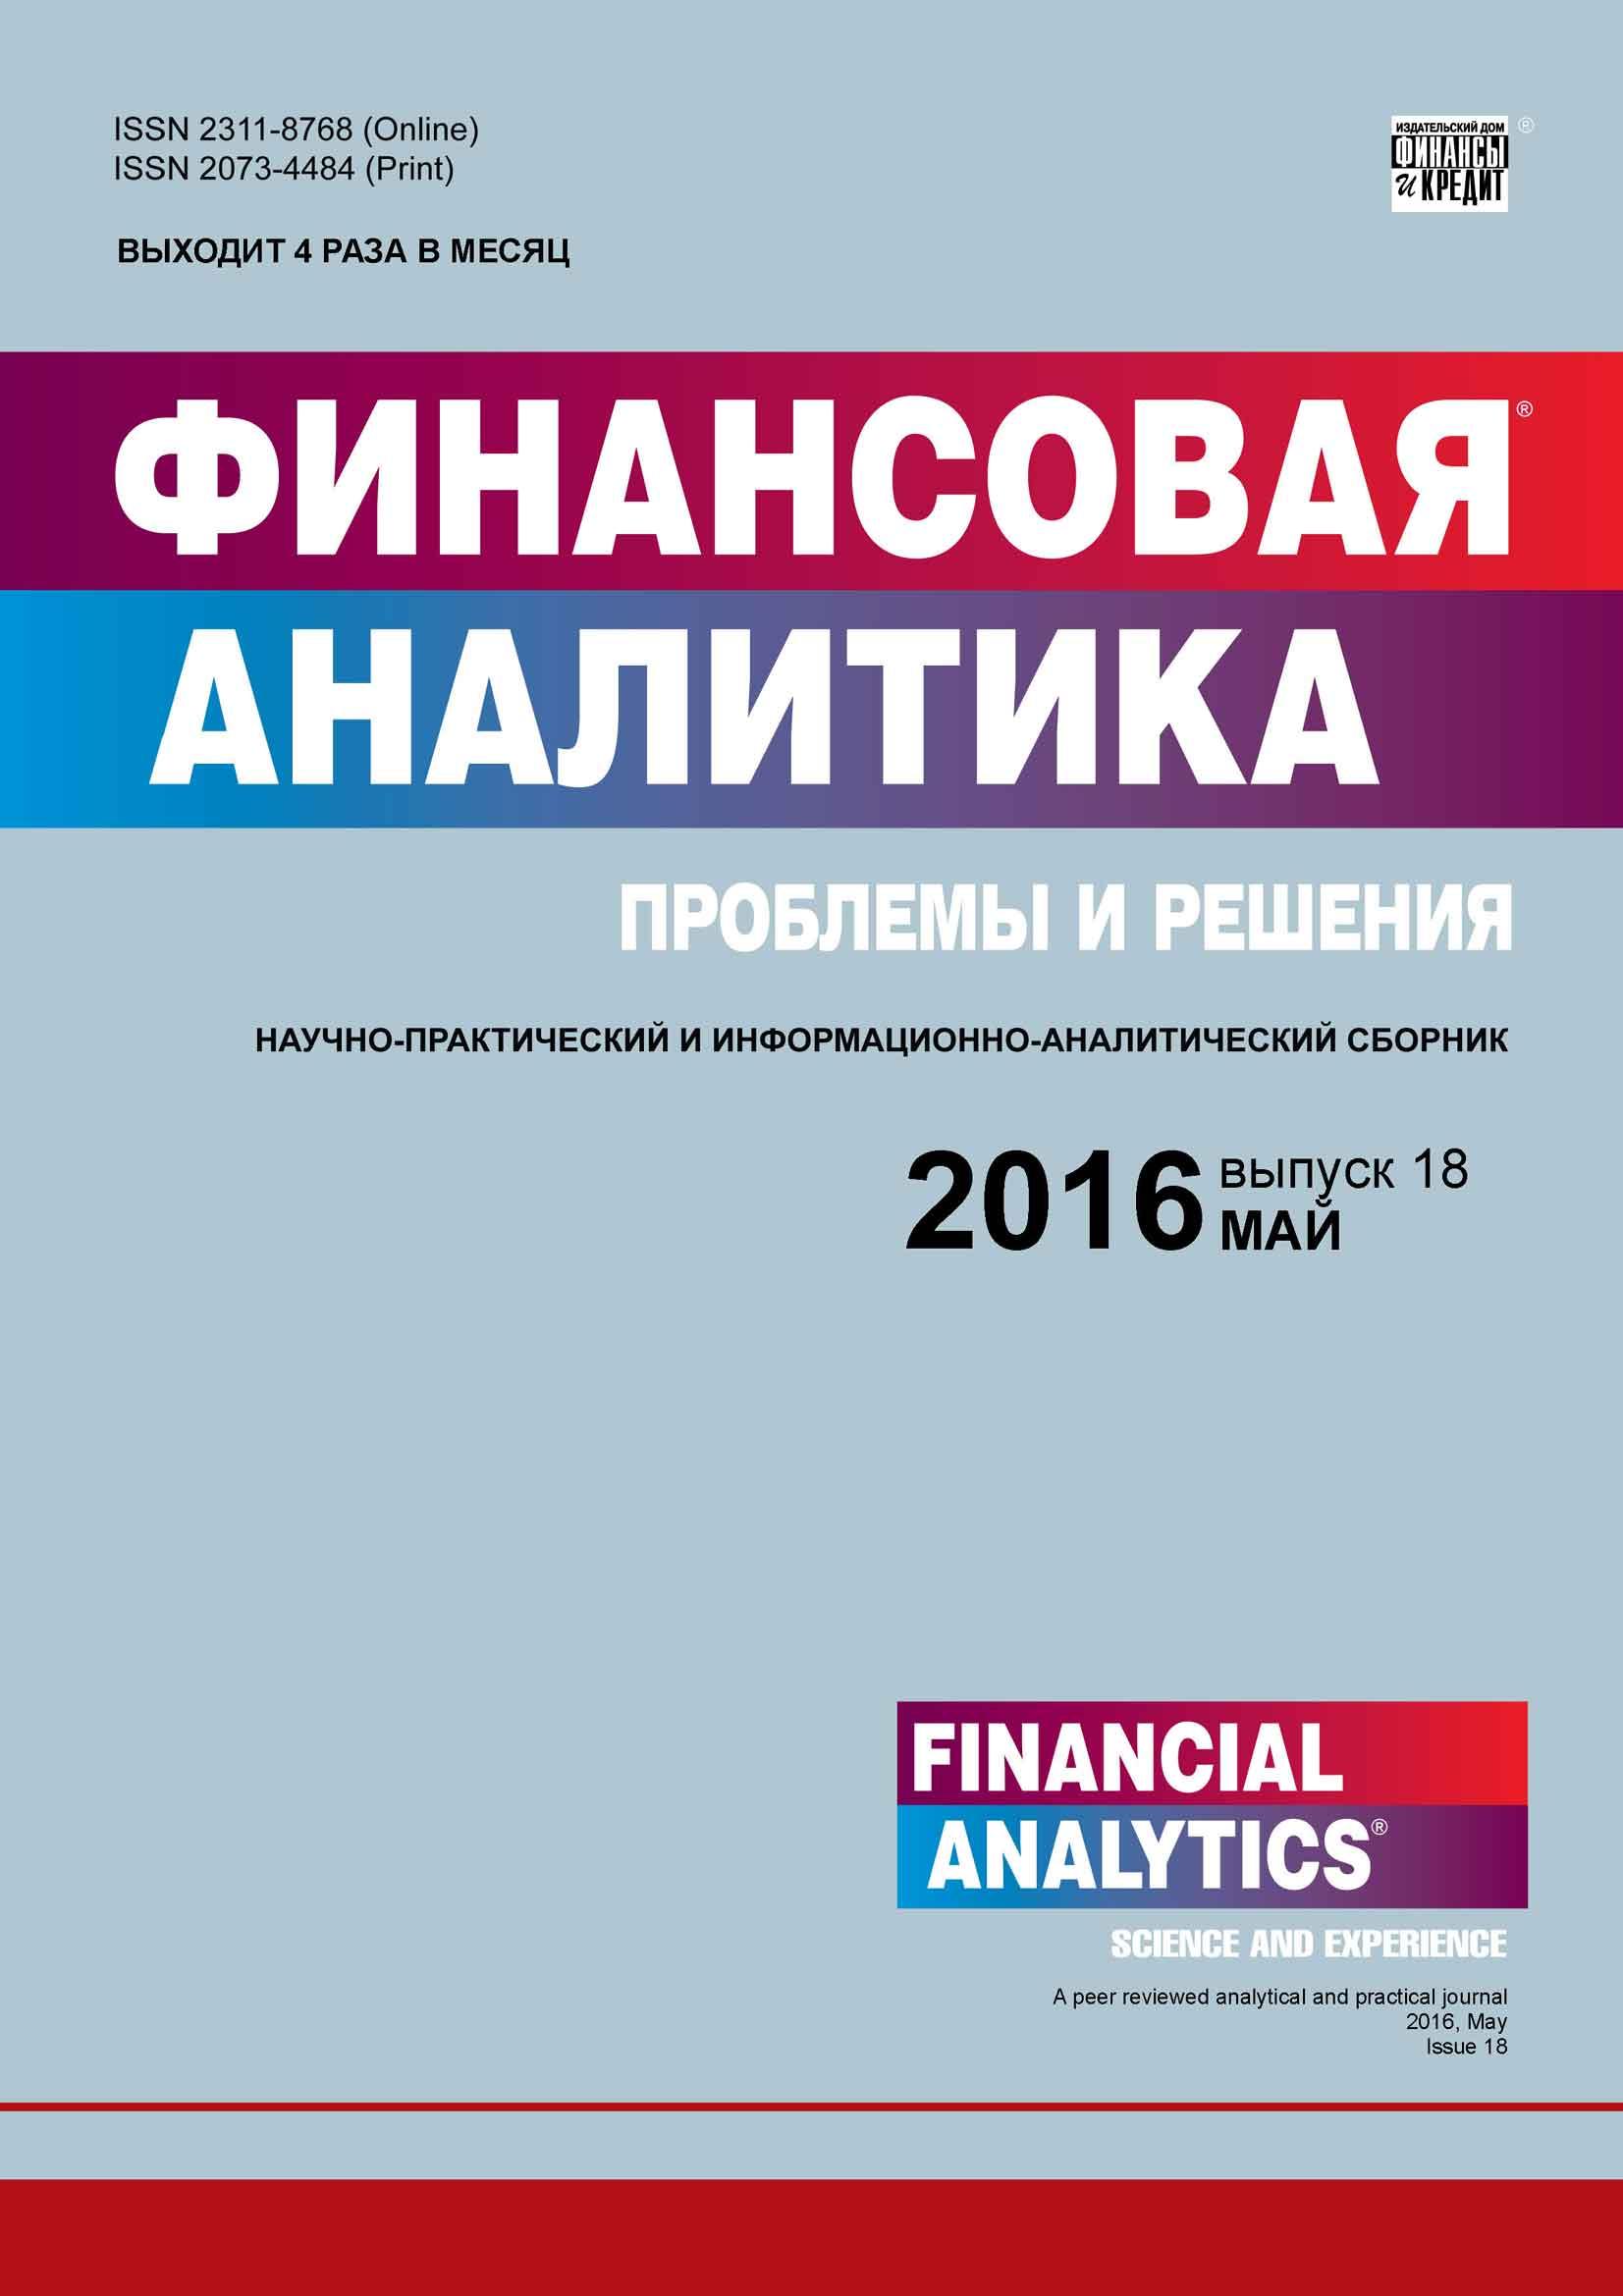 Финансовая аналитика: проблемы и решения № 18 (300) 2016